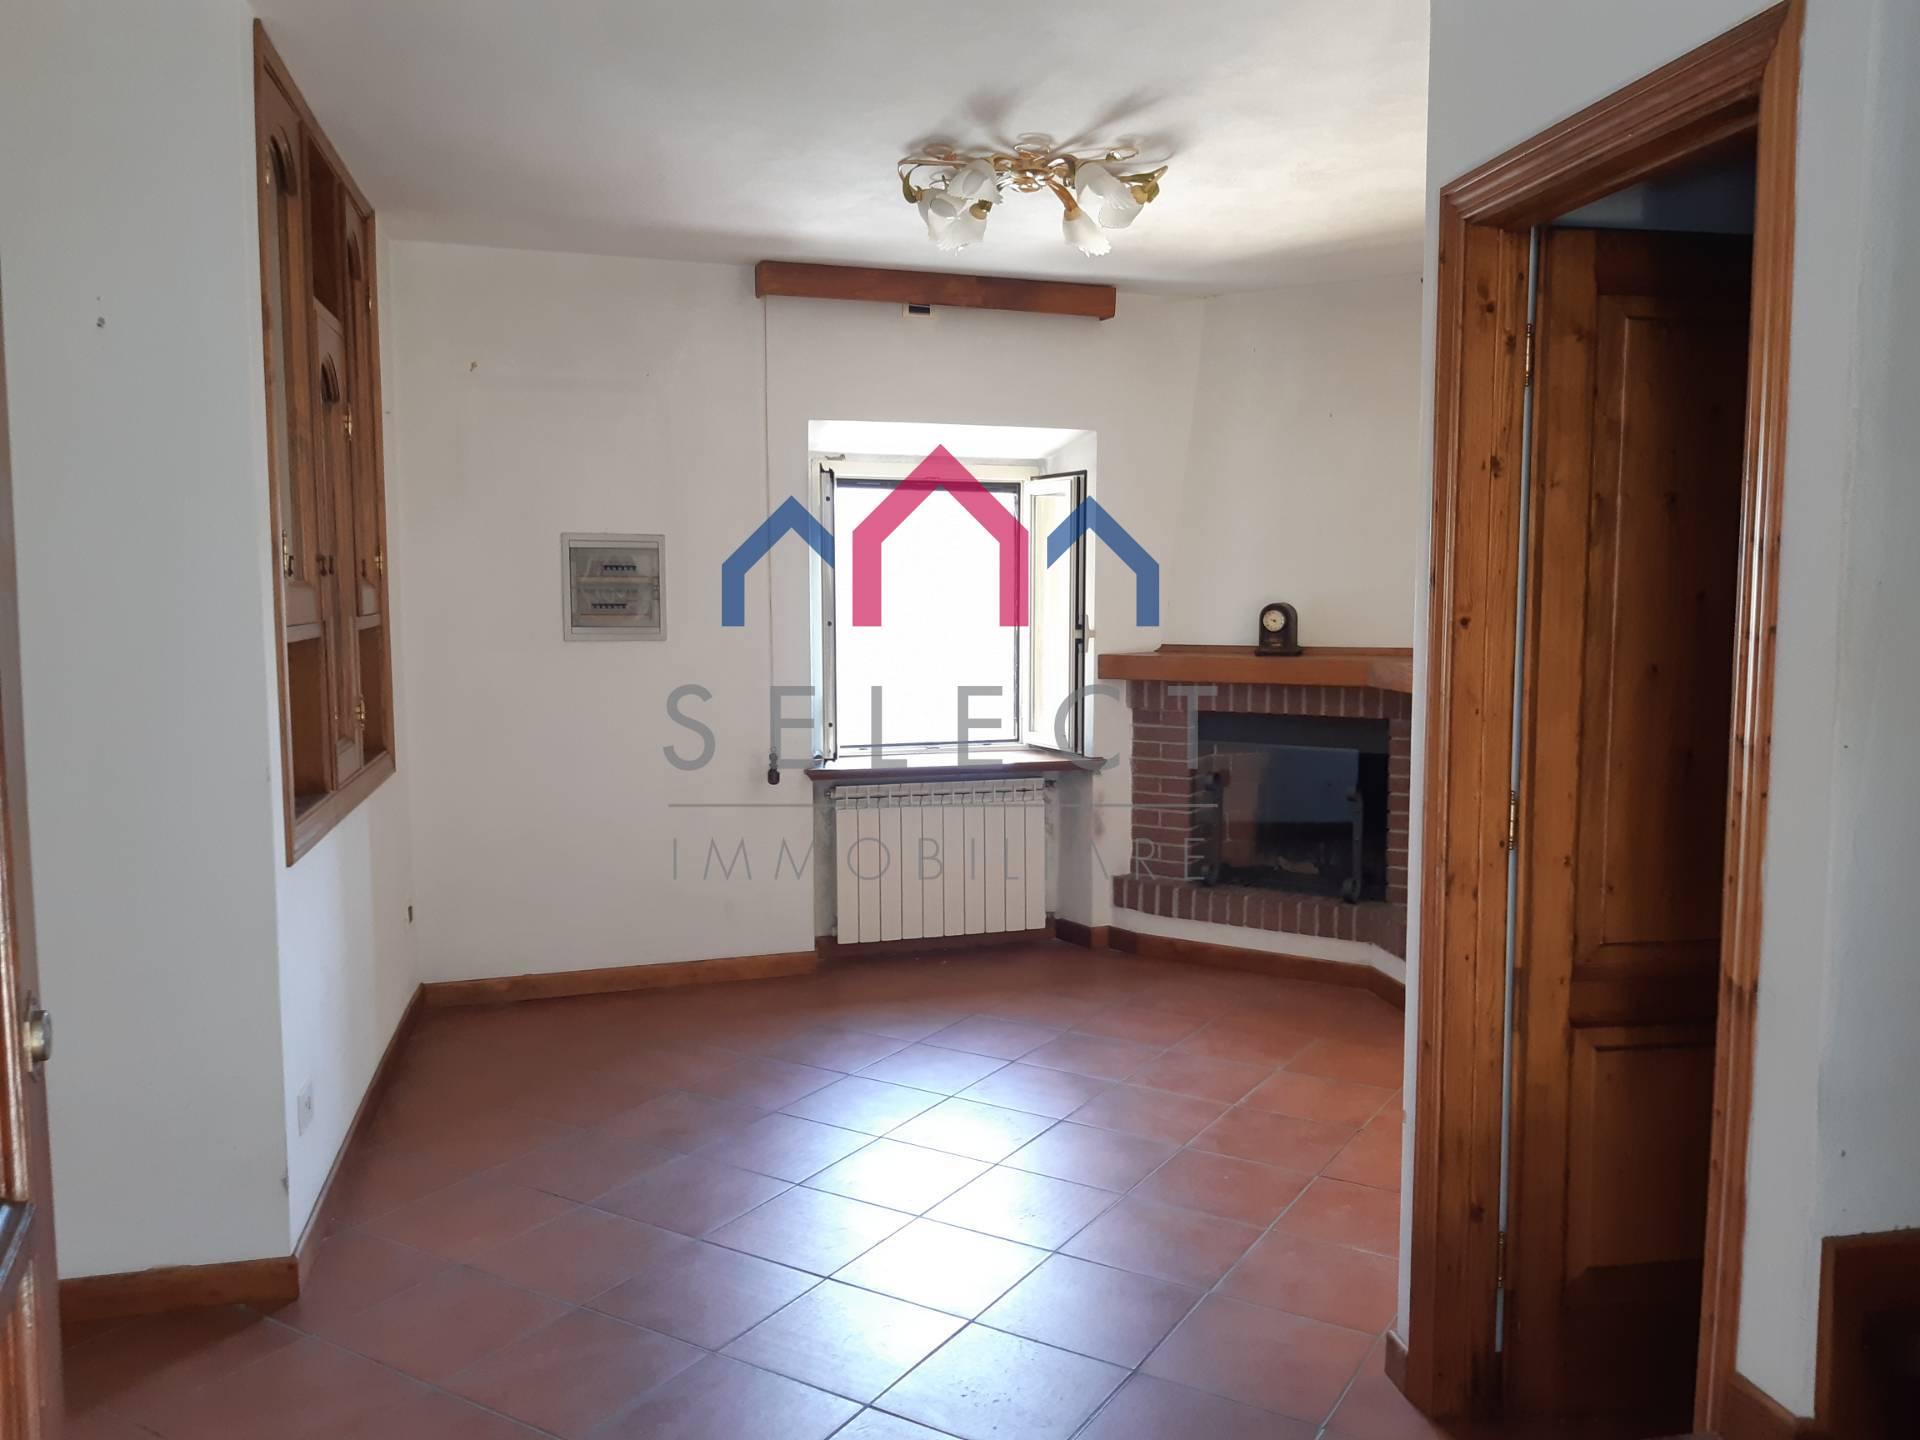 Soluzione Semindipendente in vendita a Bagni di Lucca, 4 locali, zona Zona: Lugliano, prezzo € 65.000 | CambioCasa.it